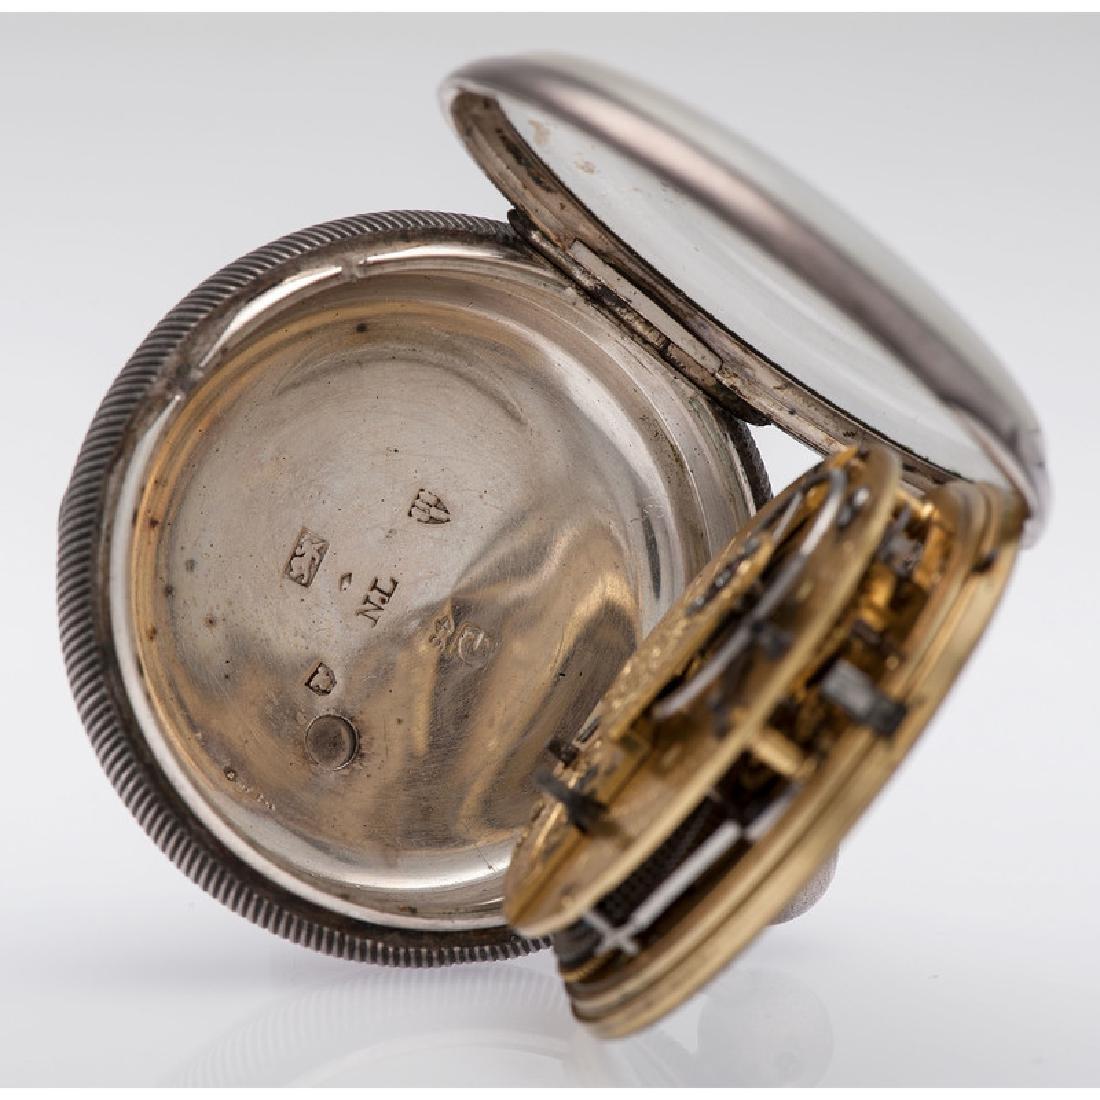 John Robinson Sterling Silver Open Face Pocket Watch - 5